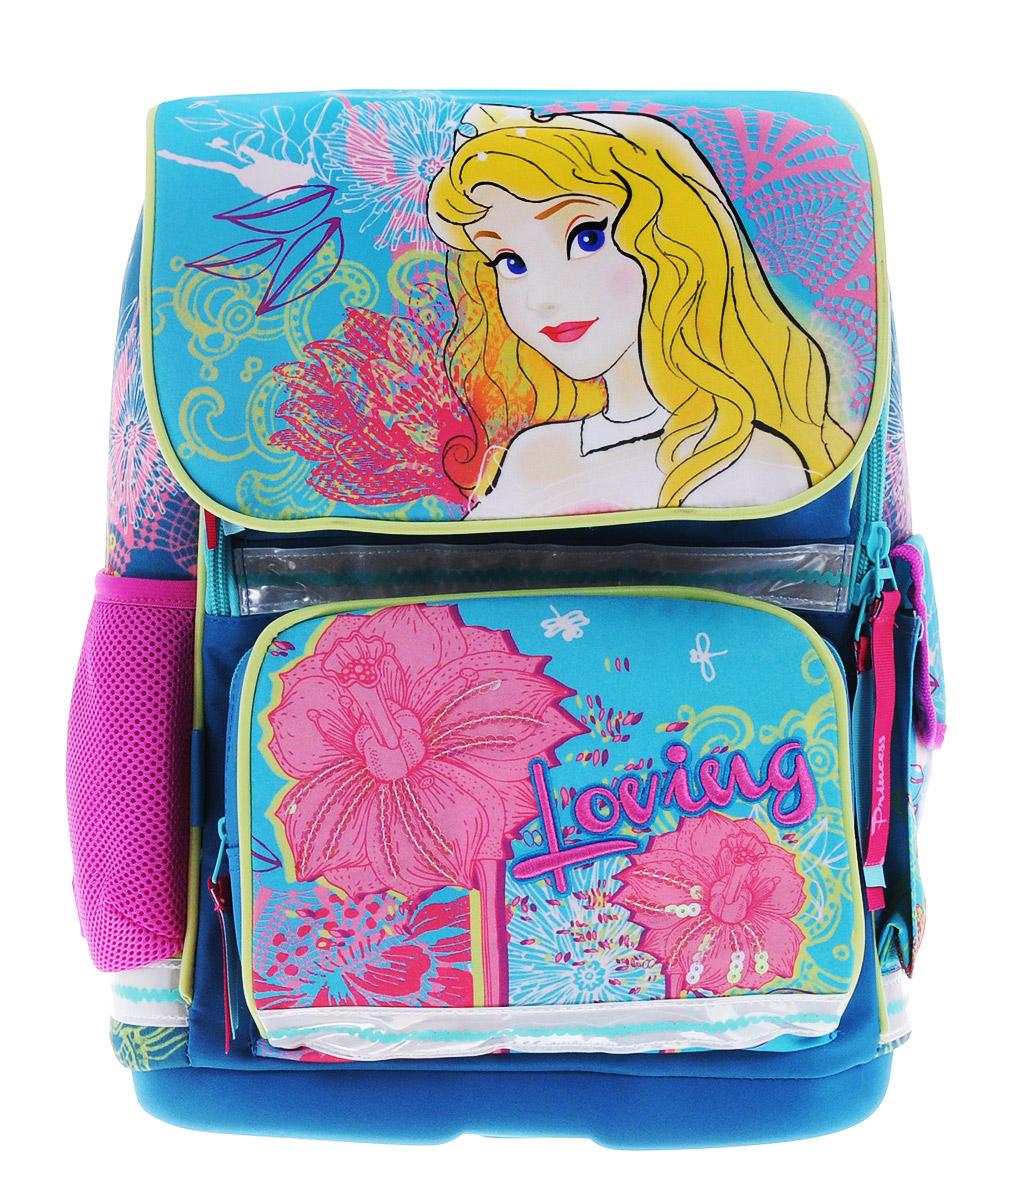 Seventeen Ранец школьный Disney PrincessPRCB-RT2-537Ранец школьный Disney Princess - это красивый и удобный рюкзак, который подойдет всем, кто хочет разнообразить свои школьные будни. Ранец выполнен из плотного материала и оформлен оригинальным принтом и вышивкой. Рюкзак имеет одно большое отделение и закрывается на молнию и клапан на липучках. Отделение содержит внутри мягкую перегородку и резинку-держатель. На лицевой стороне рюкзака и под клапаном расположены накладные карманы на молниях. По бокам - один карман-сетка и один закрытый карман на липучке.Рюкзак также оснащен удобной ручкой с резиновой насадкой для удобной переноски и светоотражающими элементами.Широкие регулируемые лямки и сетчатые мягкие вставки на спинке рюкзака предохранят мышцы спины ребенка от перенапряжения при длительном ношении. У ранца имеется грудное крепление-стяжка для фиксации на плечах ребенка. Дно ранца выполнено из пластика, обтянутого тканью, оно не деформируется, обеспечивает ранцу хорошую устойчивость и легко очищается от загрязнений.Многофункциональный детский рюкзак станет незаменимым спутником вашего ребенка.